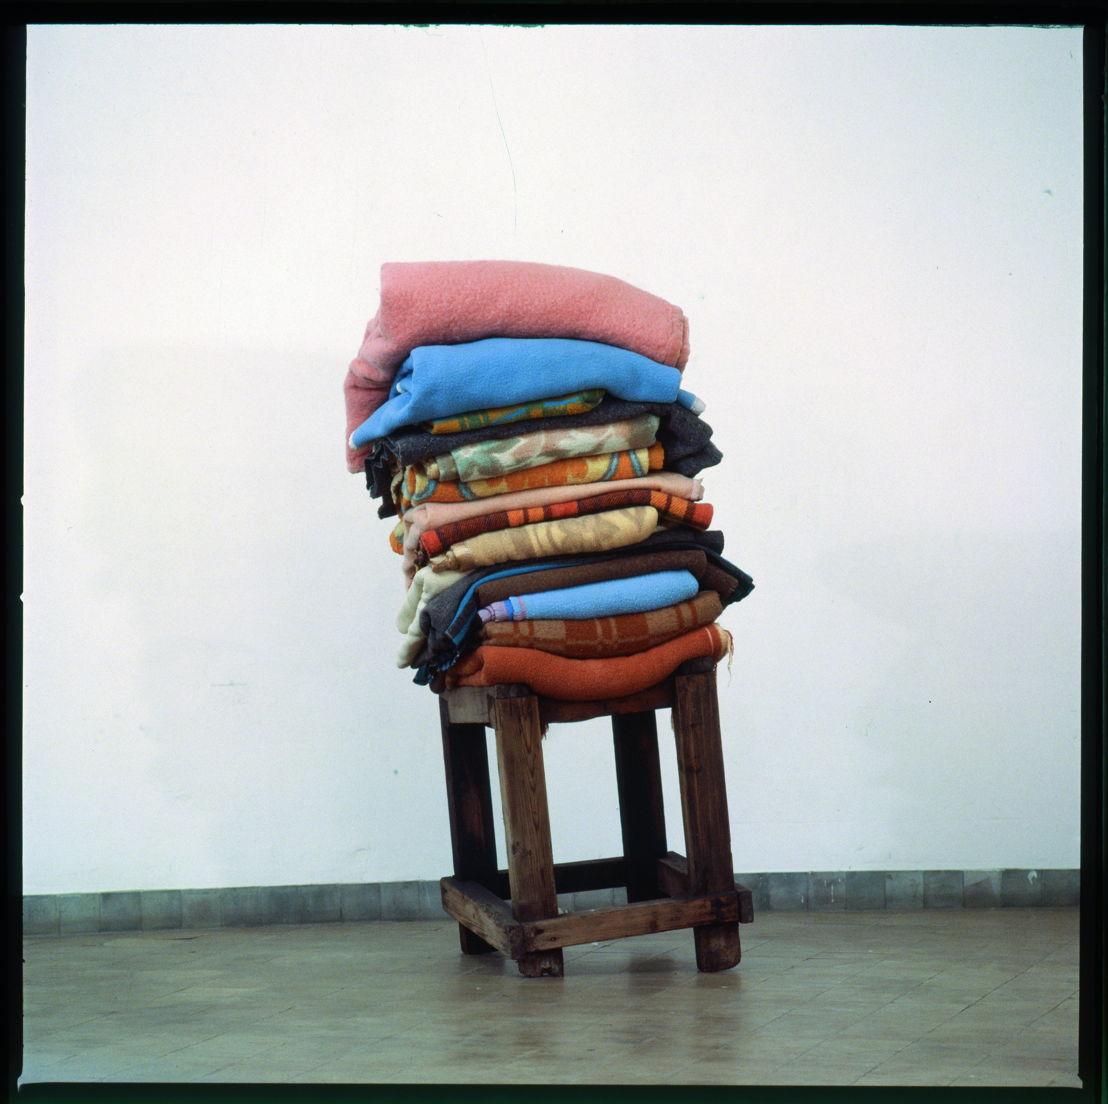 Guy Cassiers / Toneelhuis - Grensgeval - 1 > 2/06 © Berlinde de Bruyckere (foto Jan Pauwels)